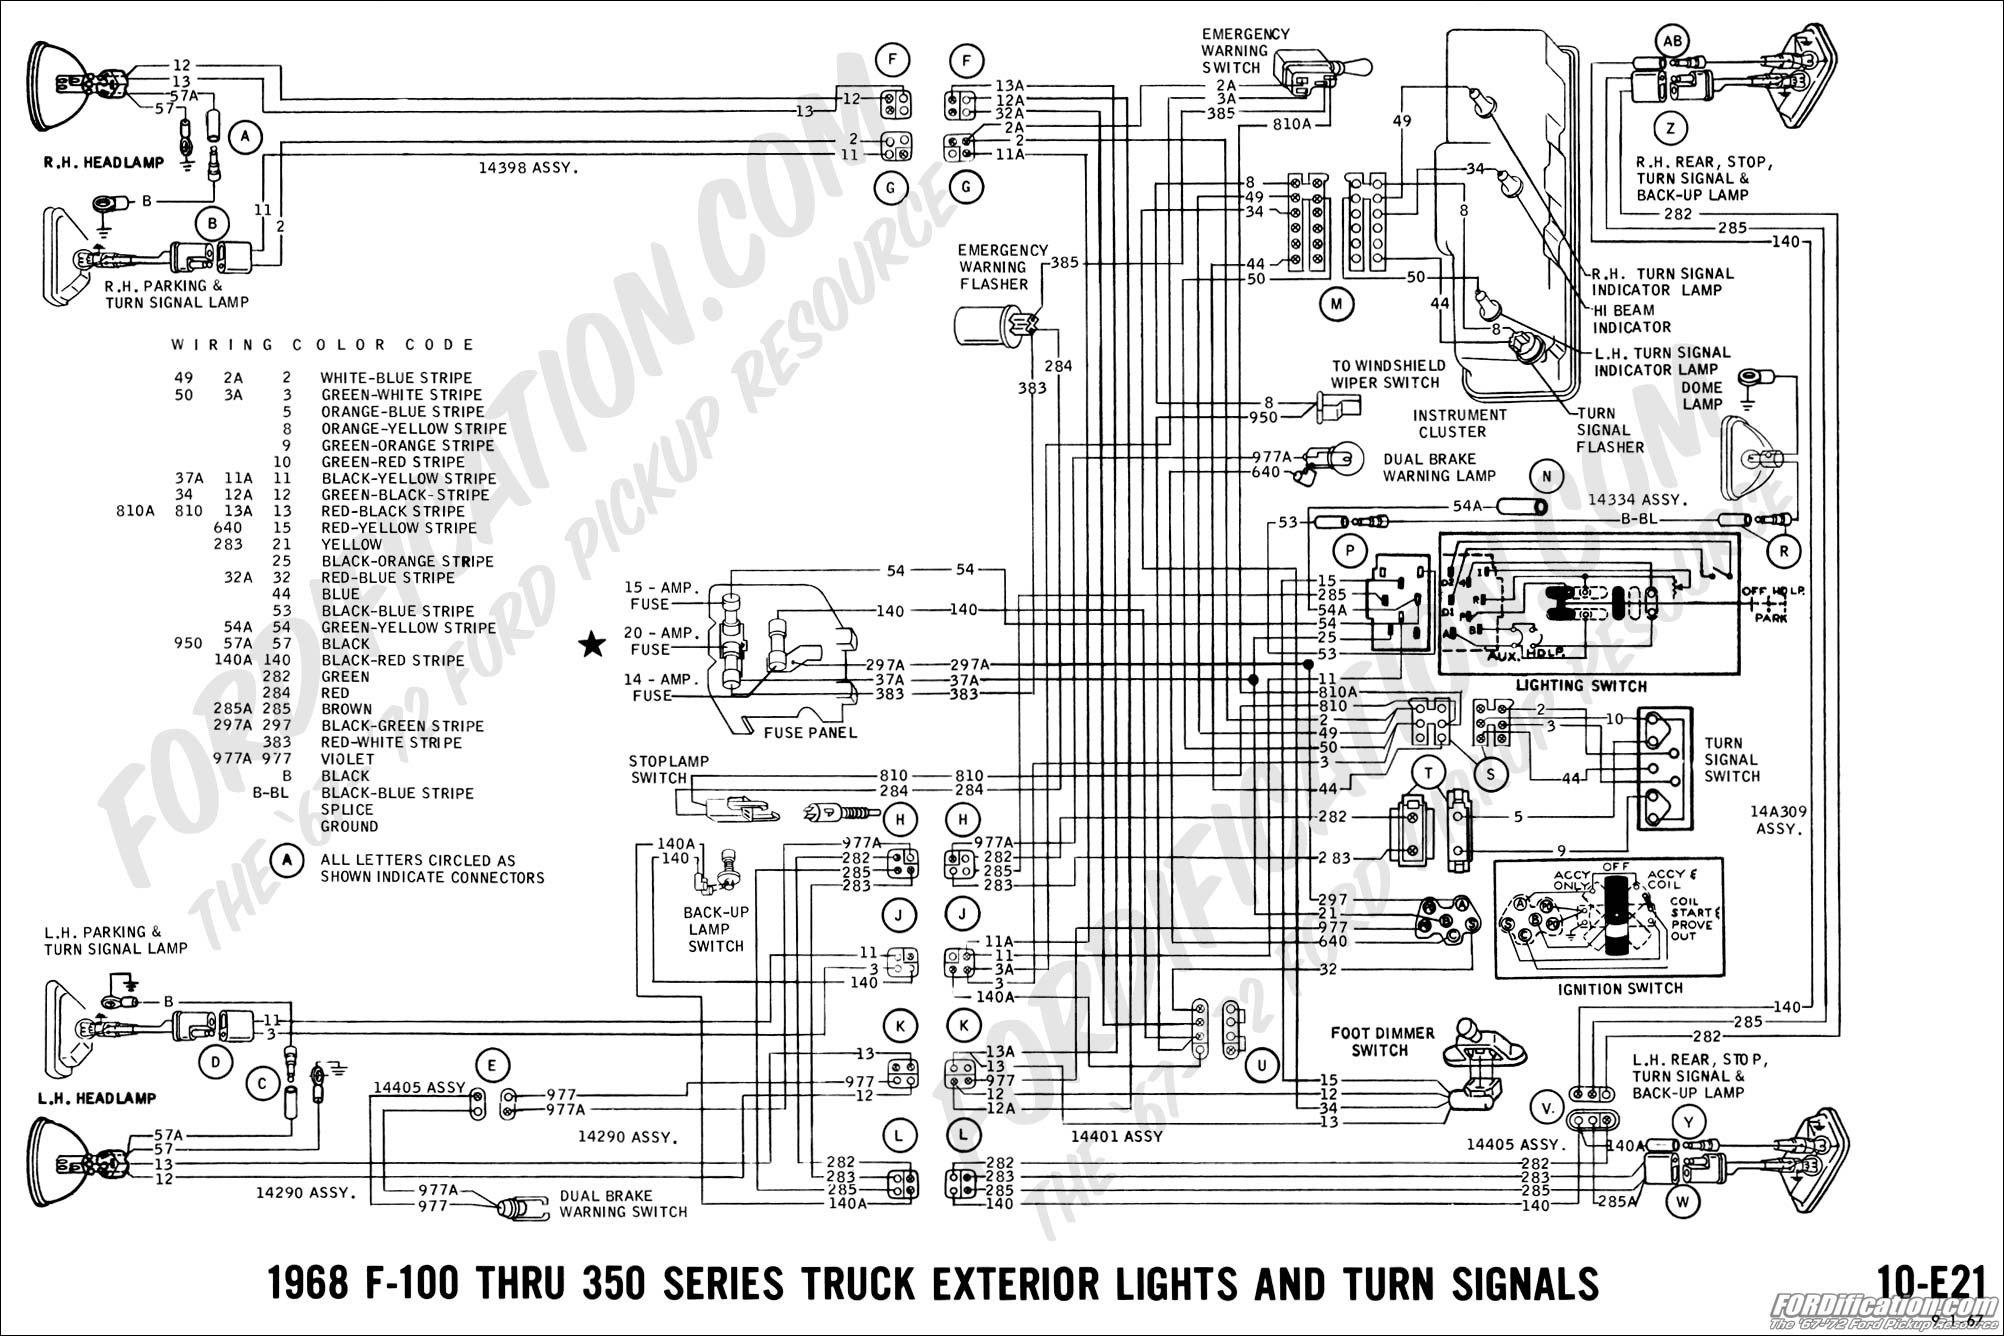 Harley Turn Signal Wiring Diagram